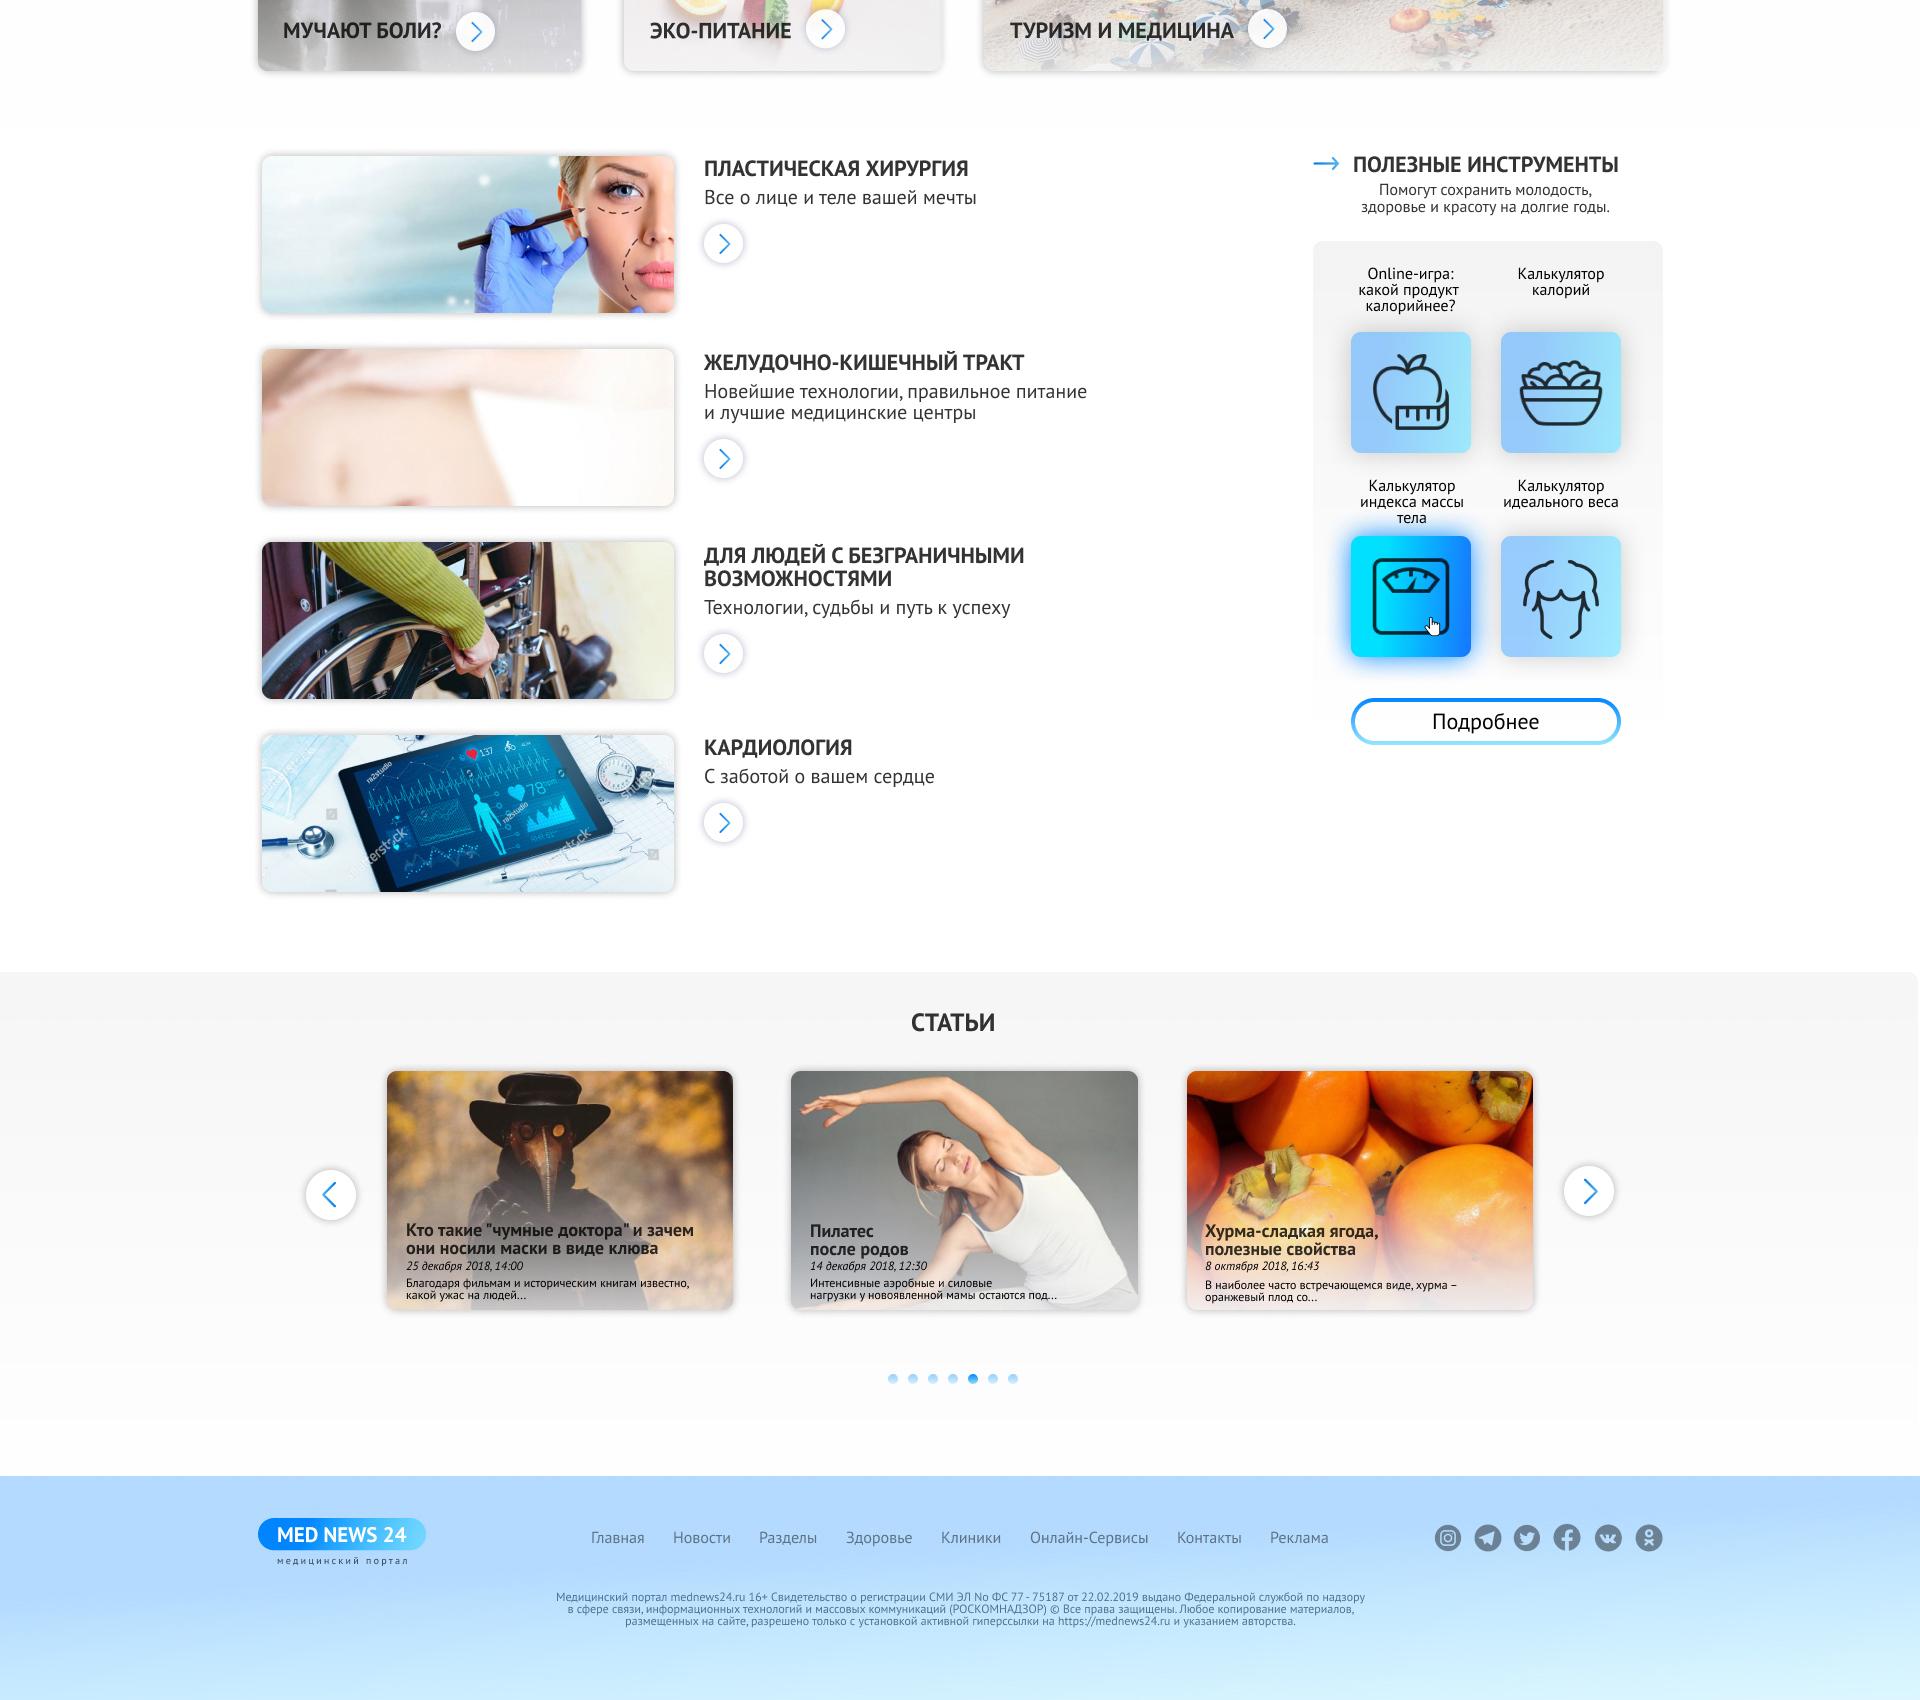 Редизайн главной страницы портала mednews24.ru фото f_2885d9de0836d828.jpg